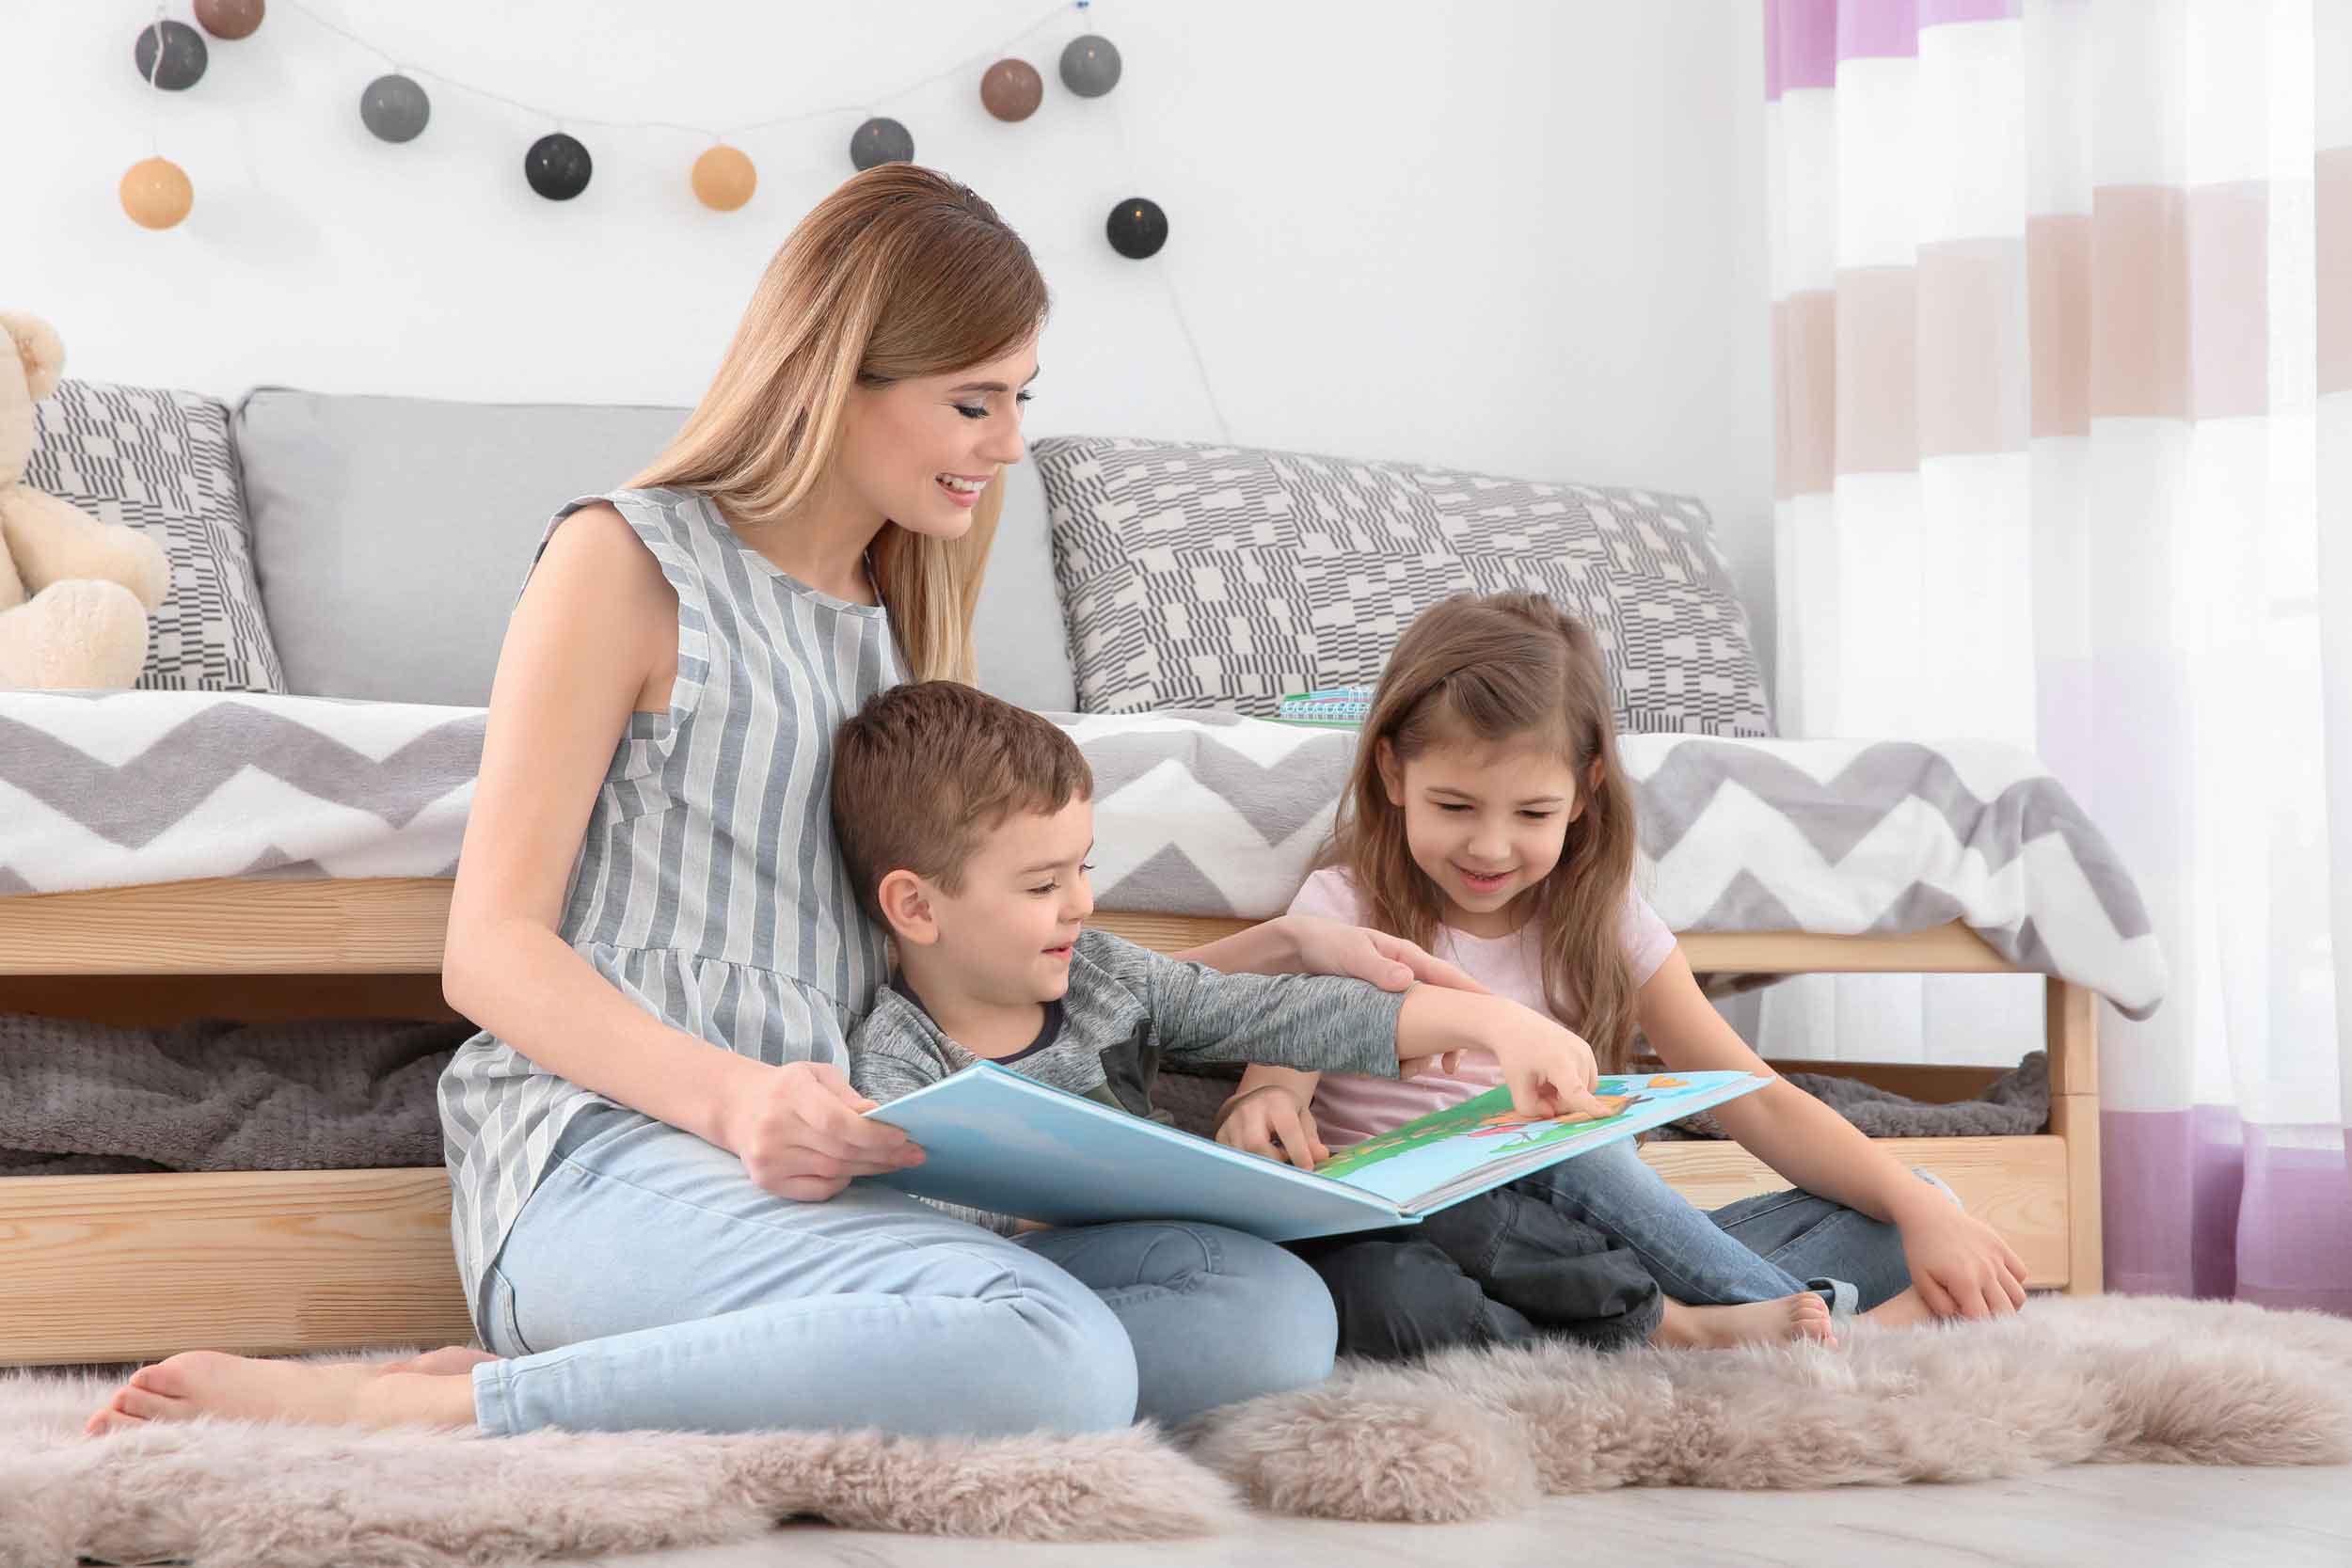 استخدام پرستار بچه در منزل |مرکز خدمات پرستاری پارسیان مهرپرور